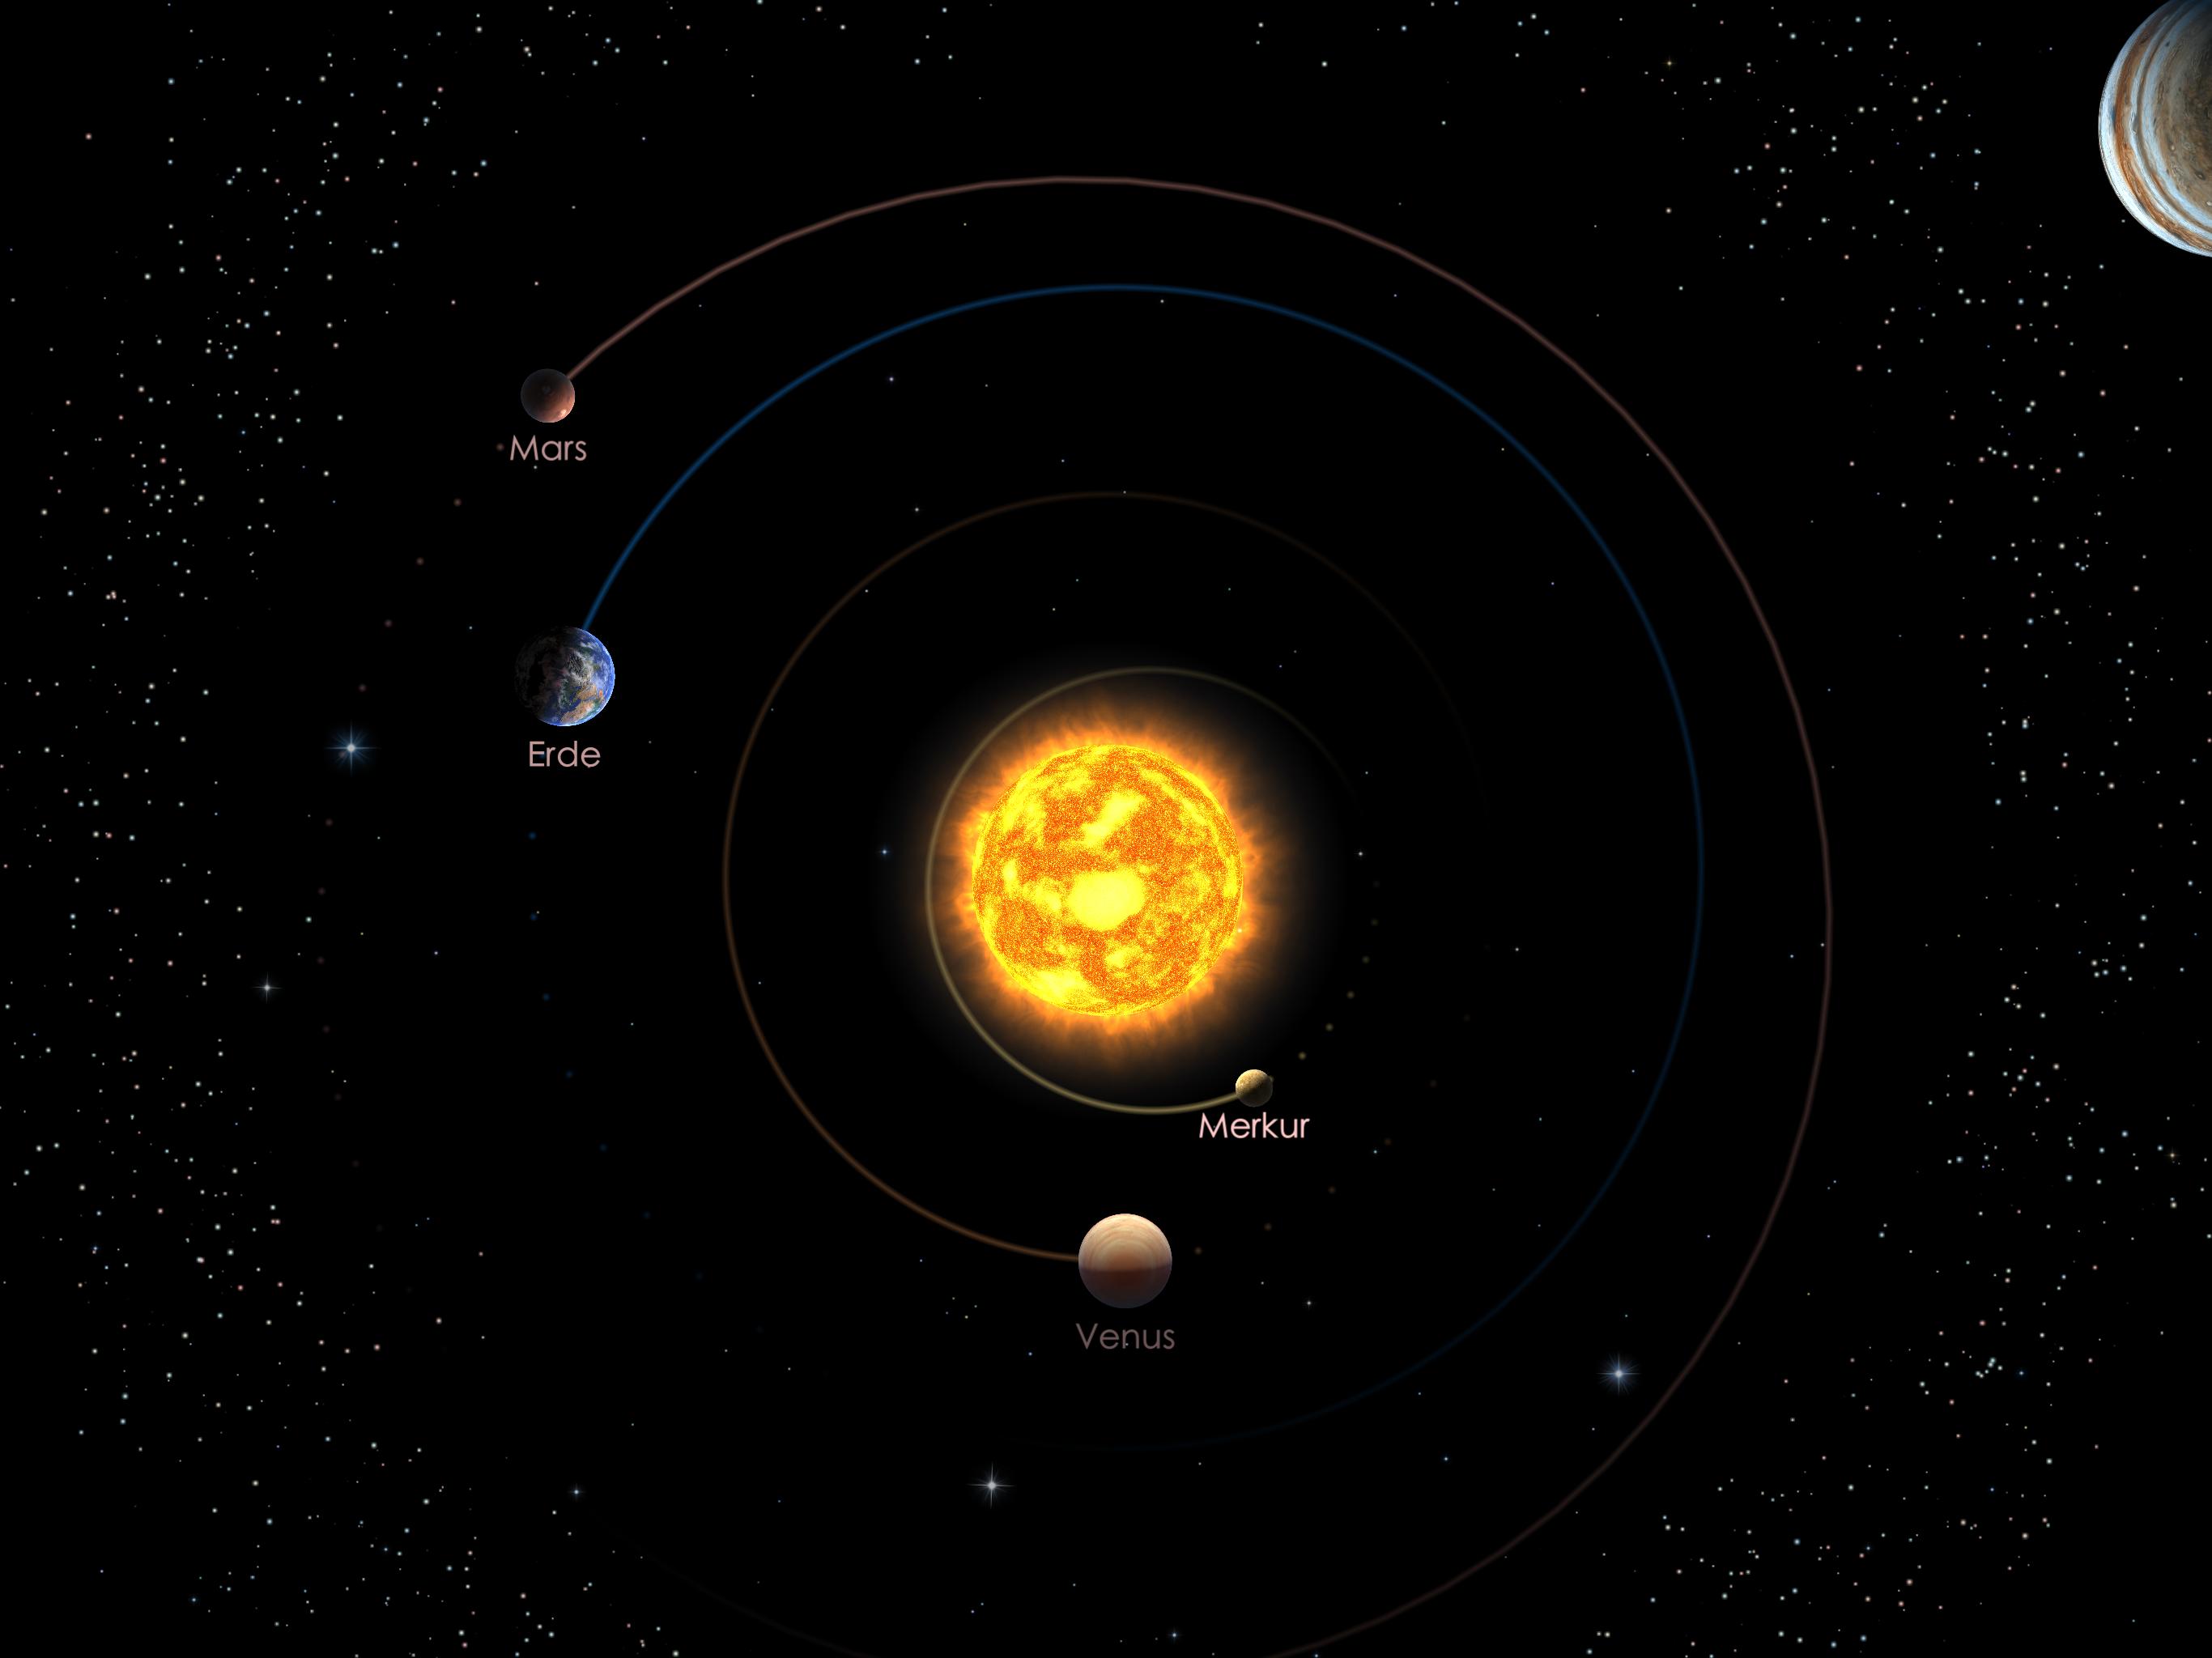 Die inneren Planeten am 01.12.20